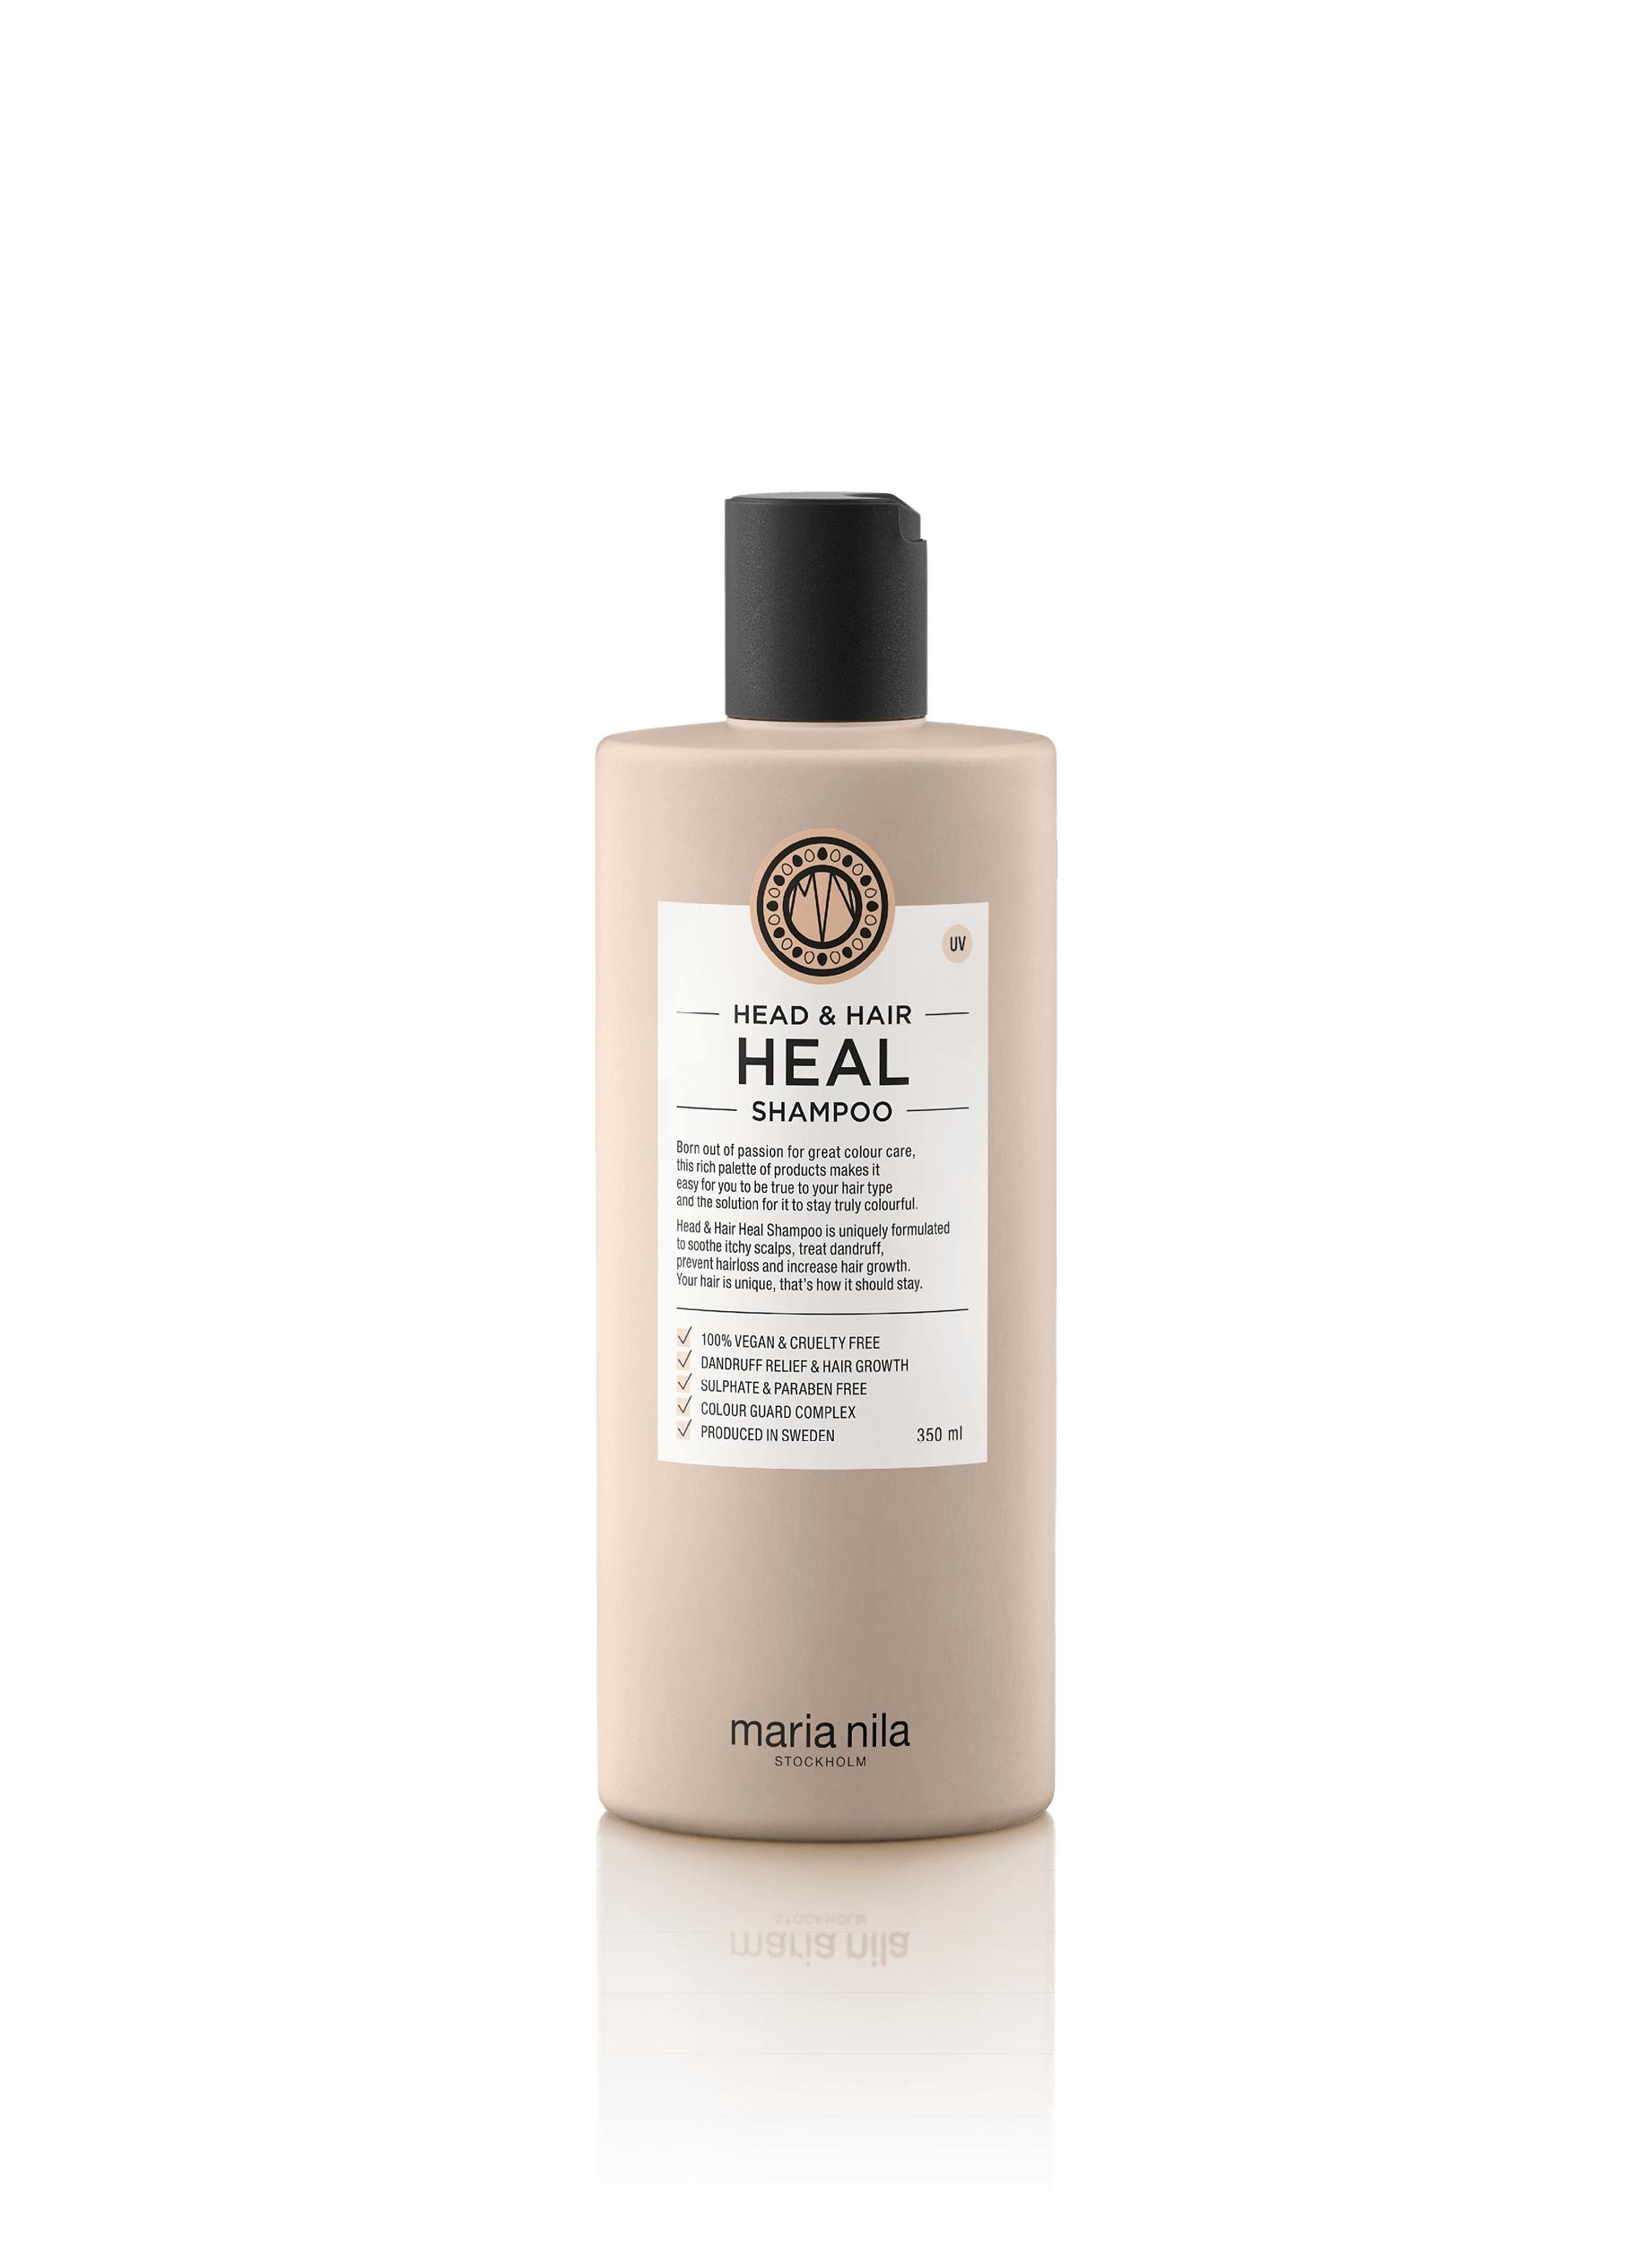 Maria Nila Head & Hair Heal Shampoo, 350 ml